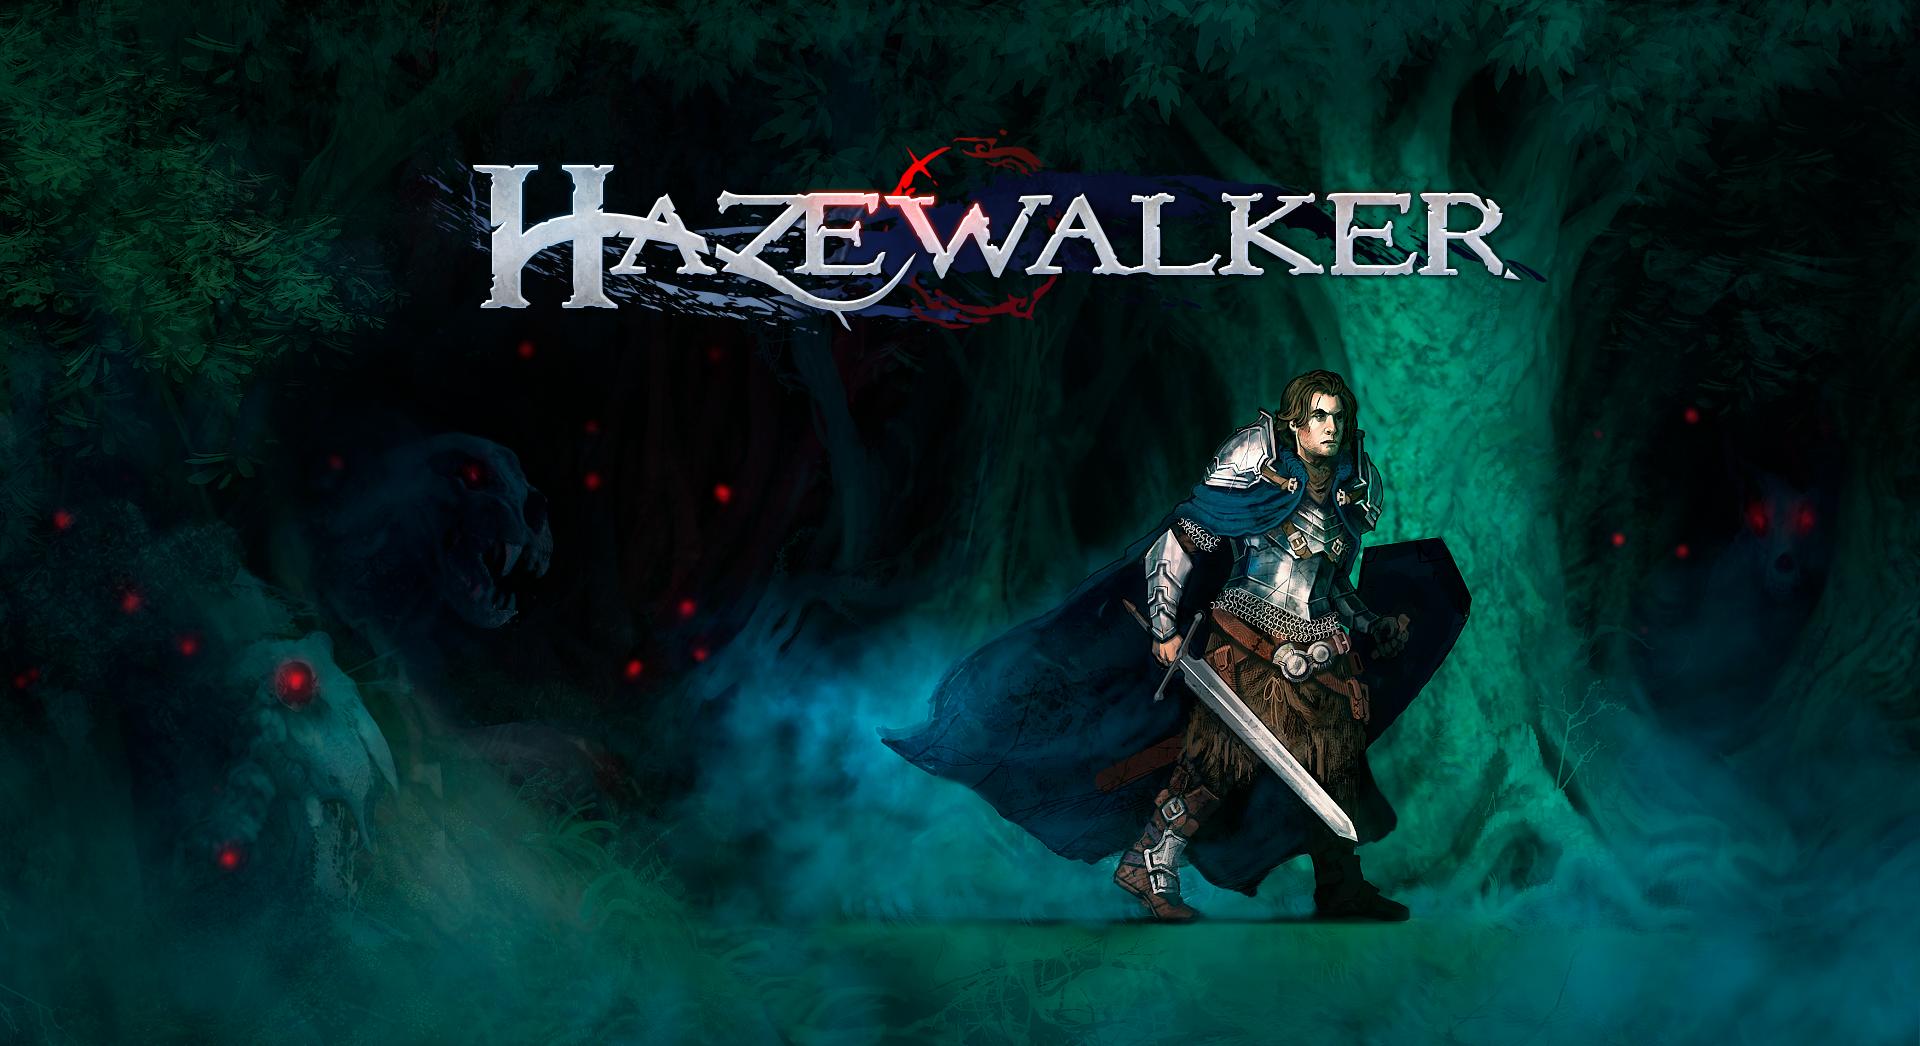 'Hazewalker', nuevo título para la Wii U al estilo Metroidvania